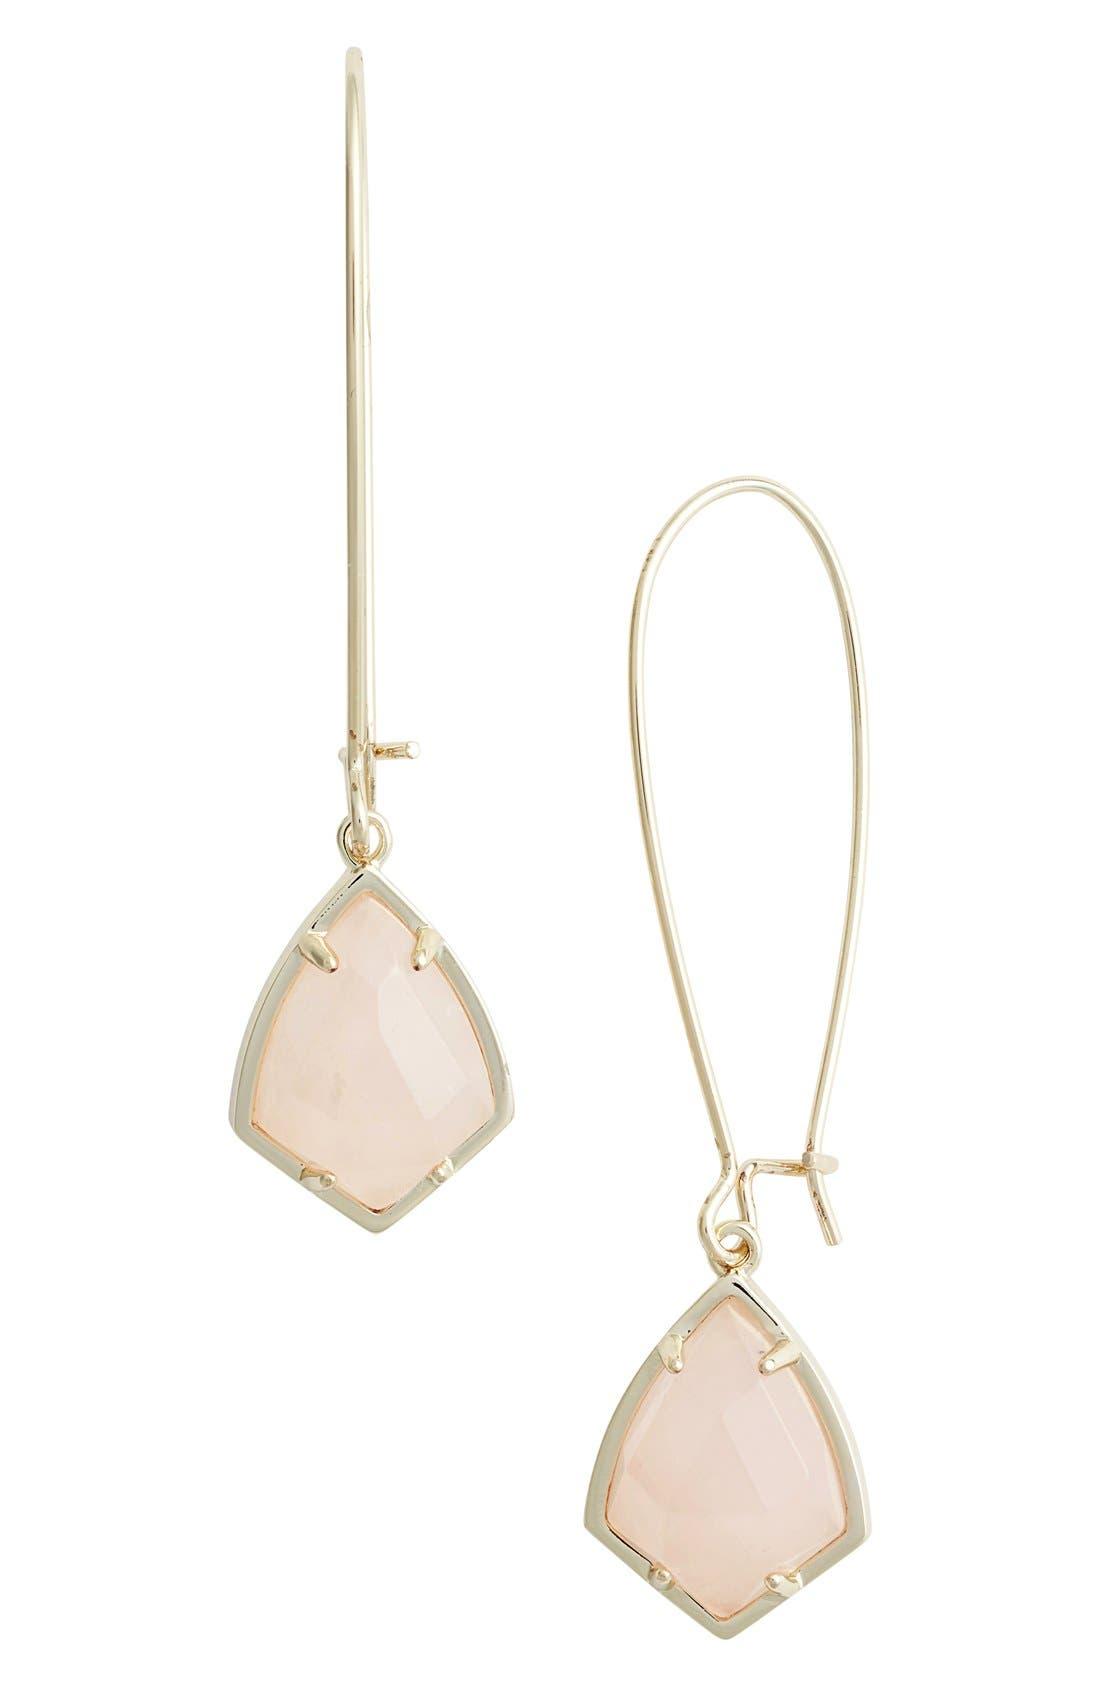 Kendra Scott 'Carrine' Semiprecious Stone Drop Earrings